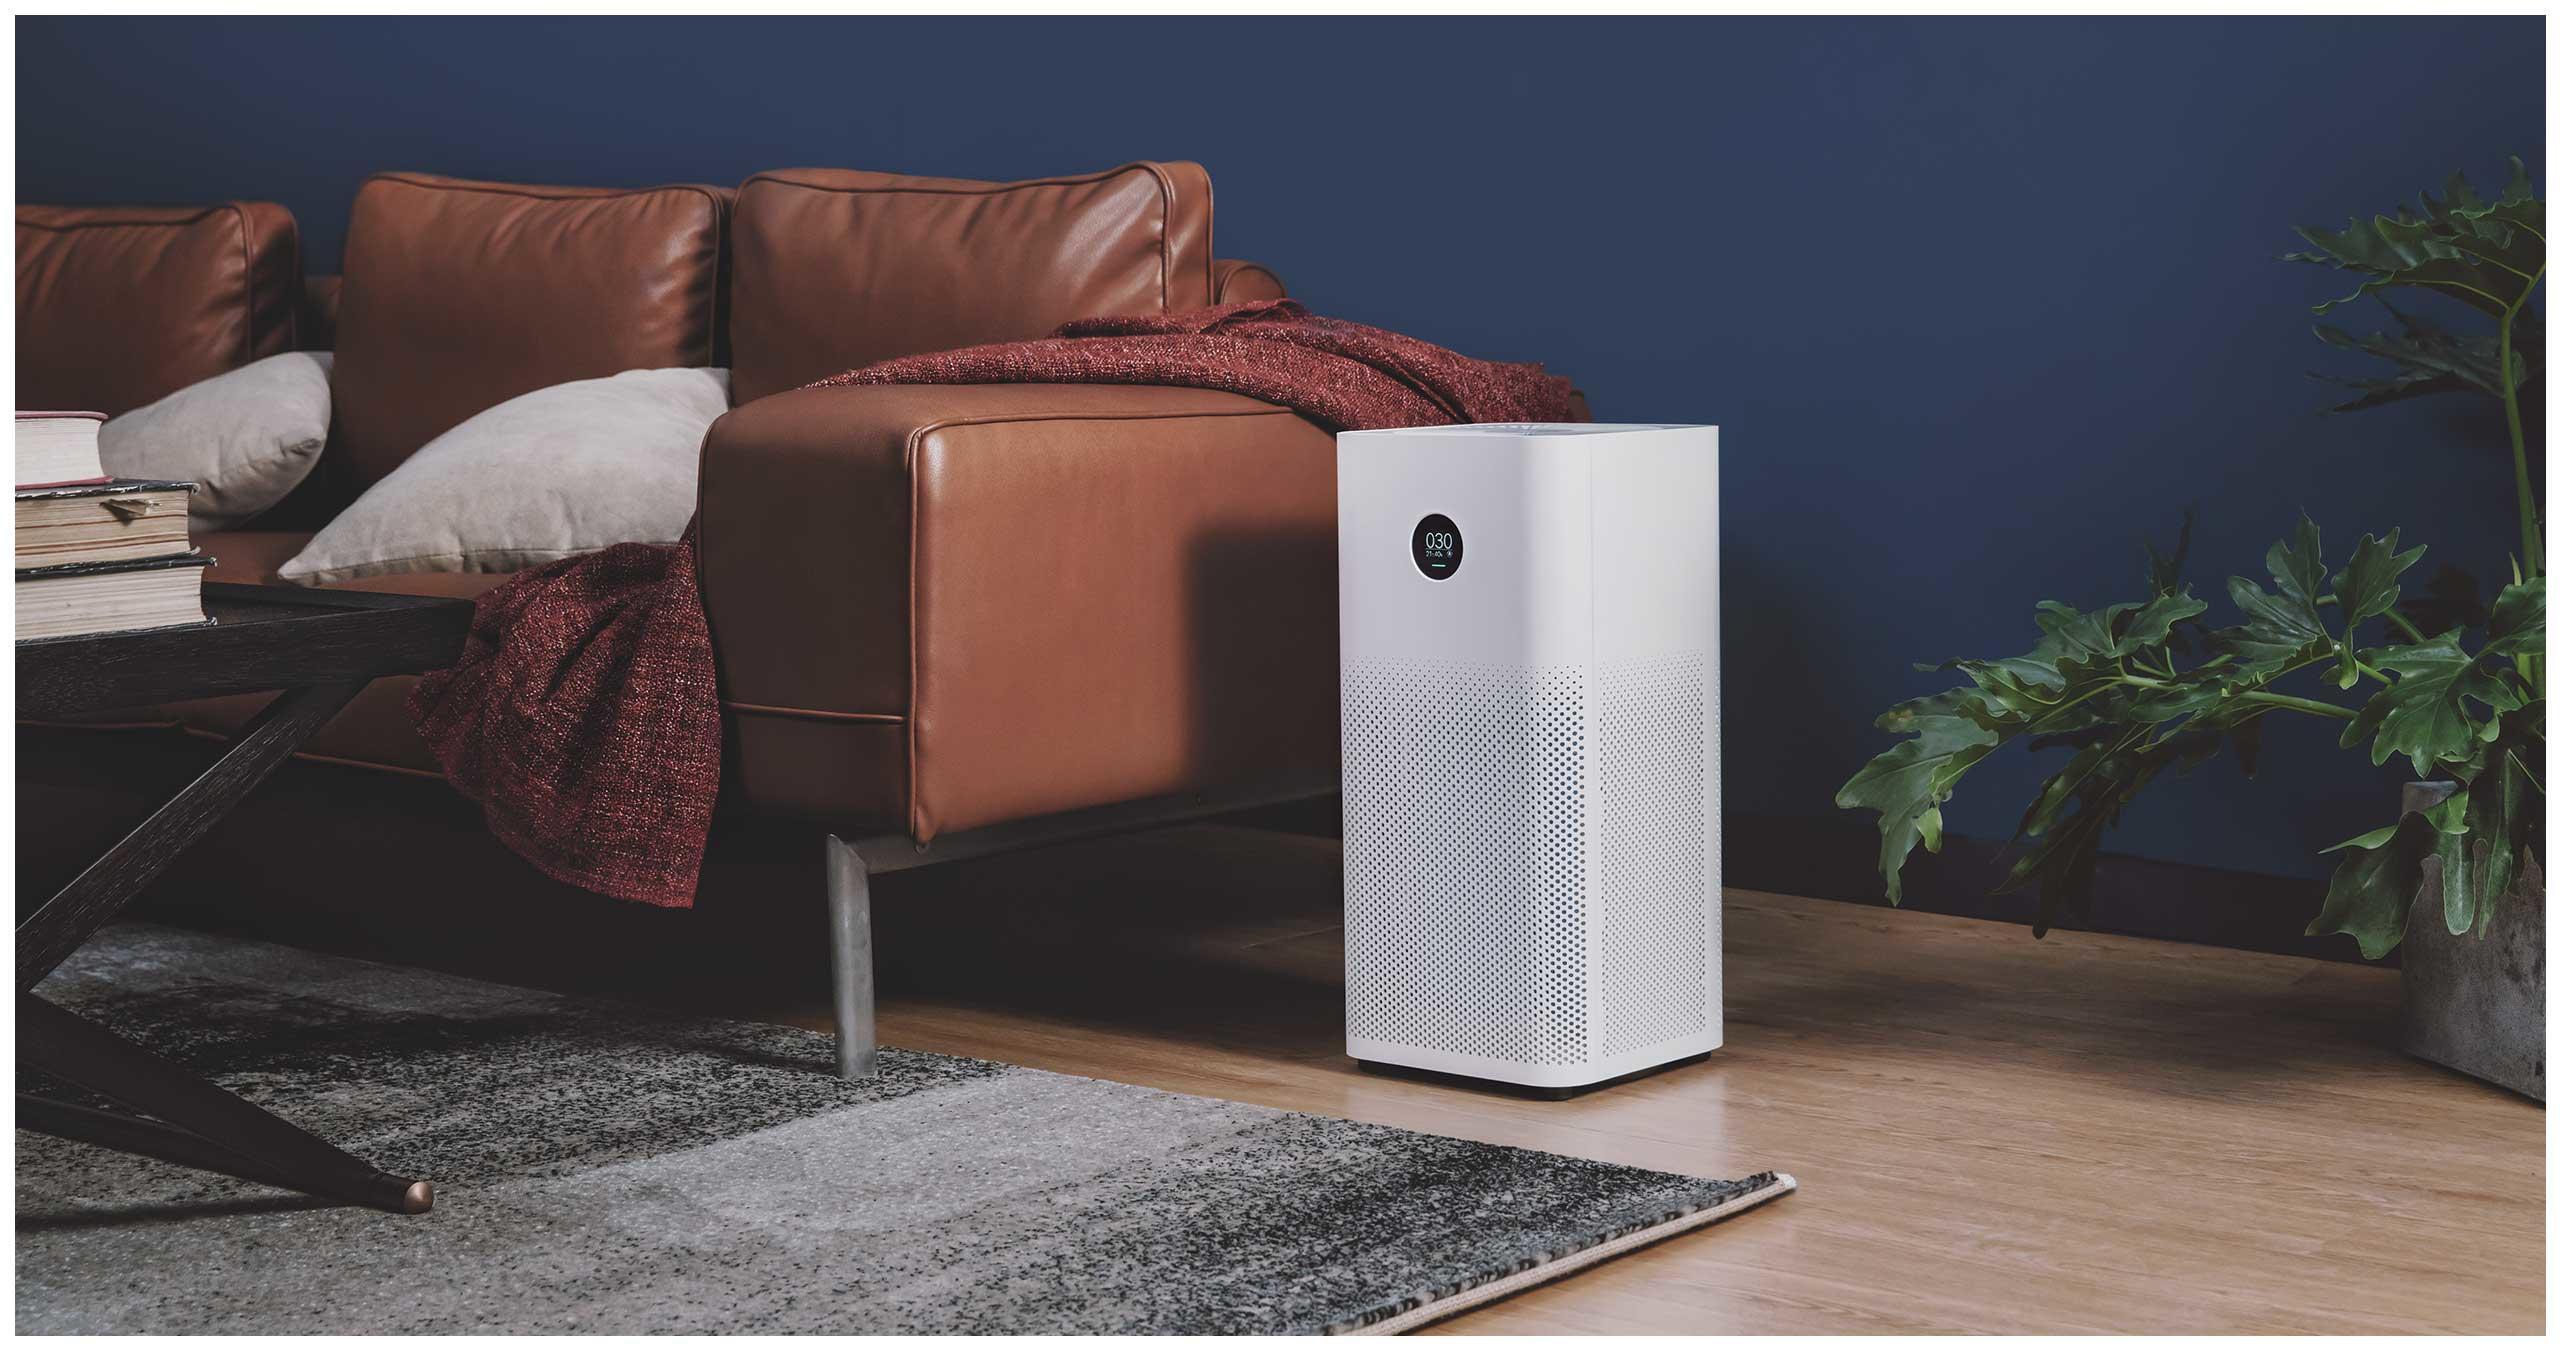 Mi Air Purifier 2s purificateur d'air 37 m² Blanc 29 W